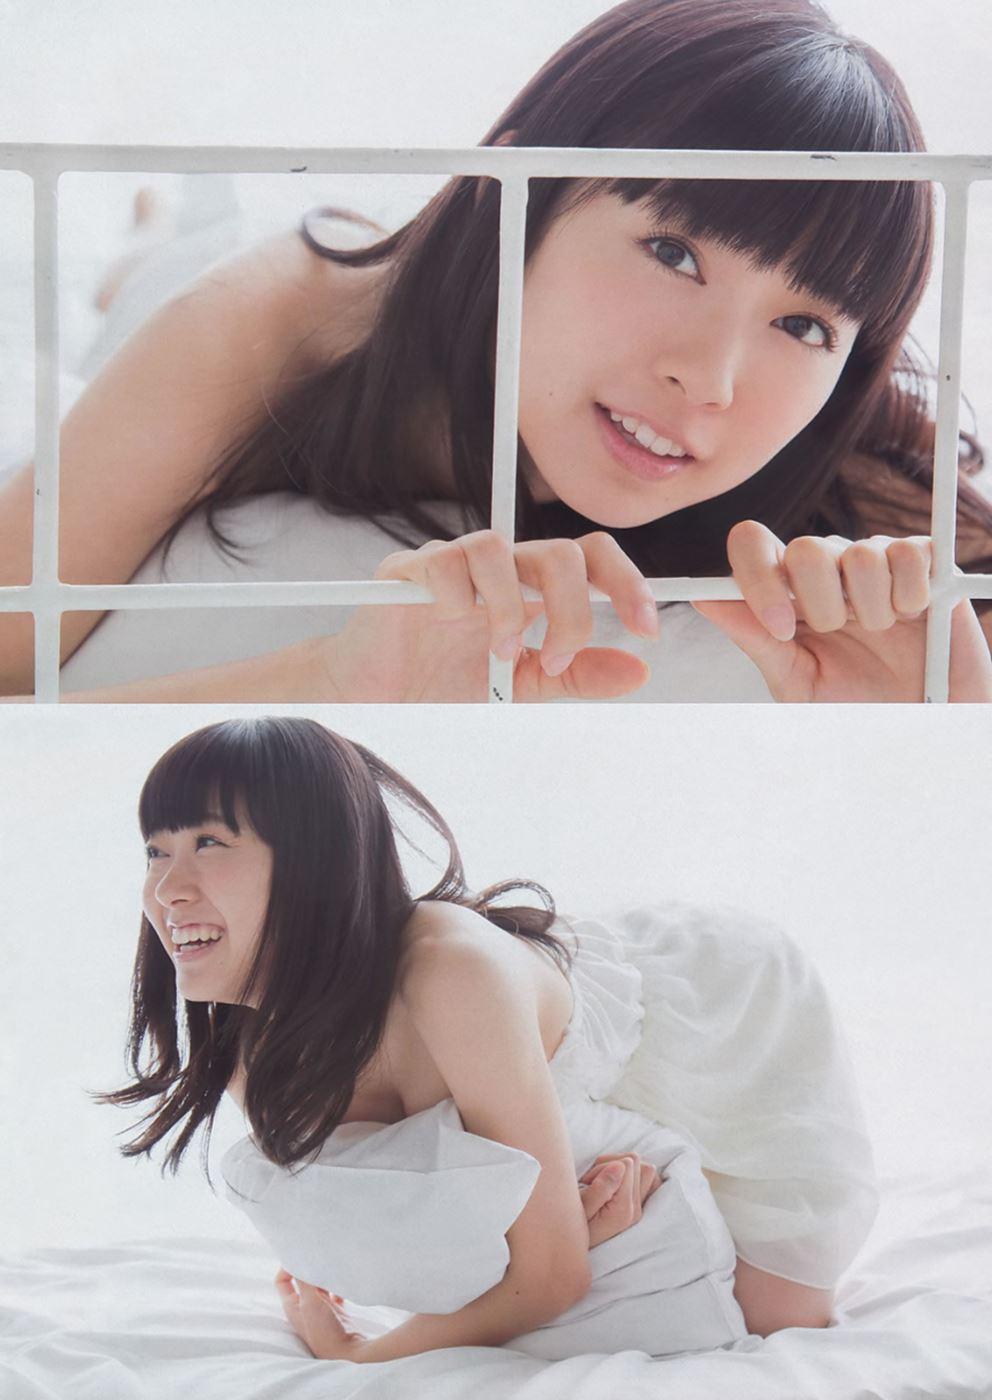 渡辺美優紀 画像 61